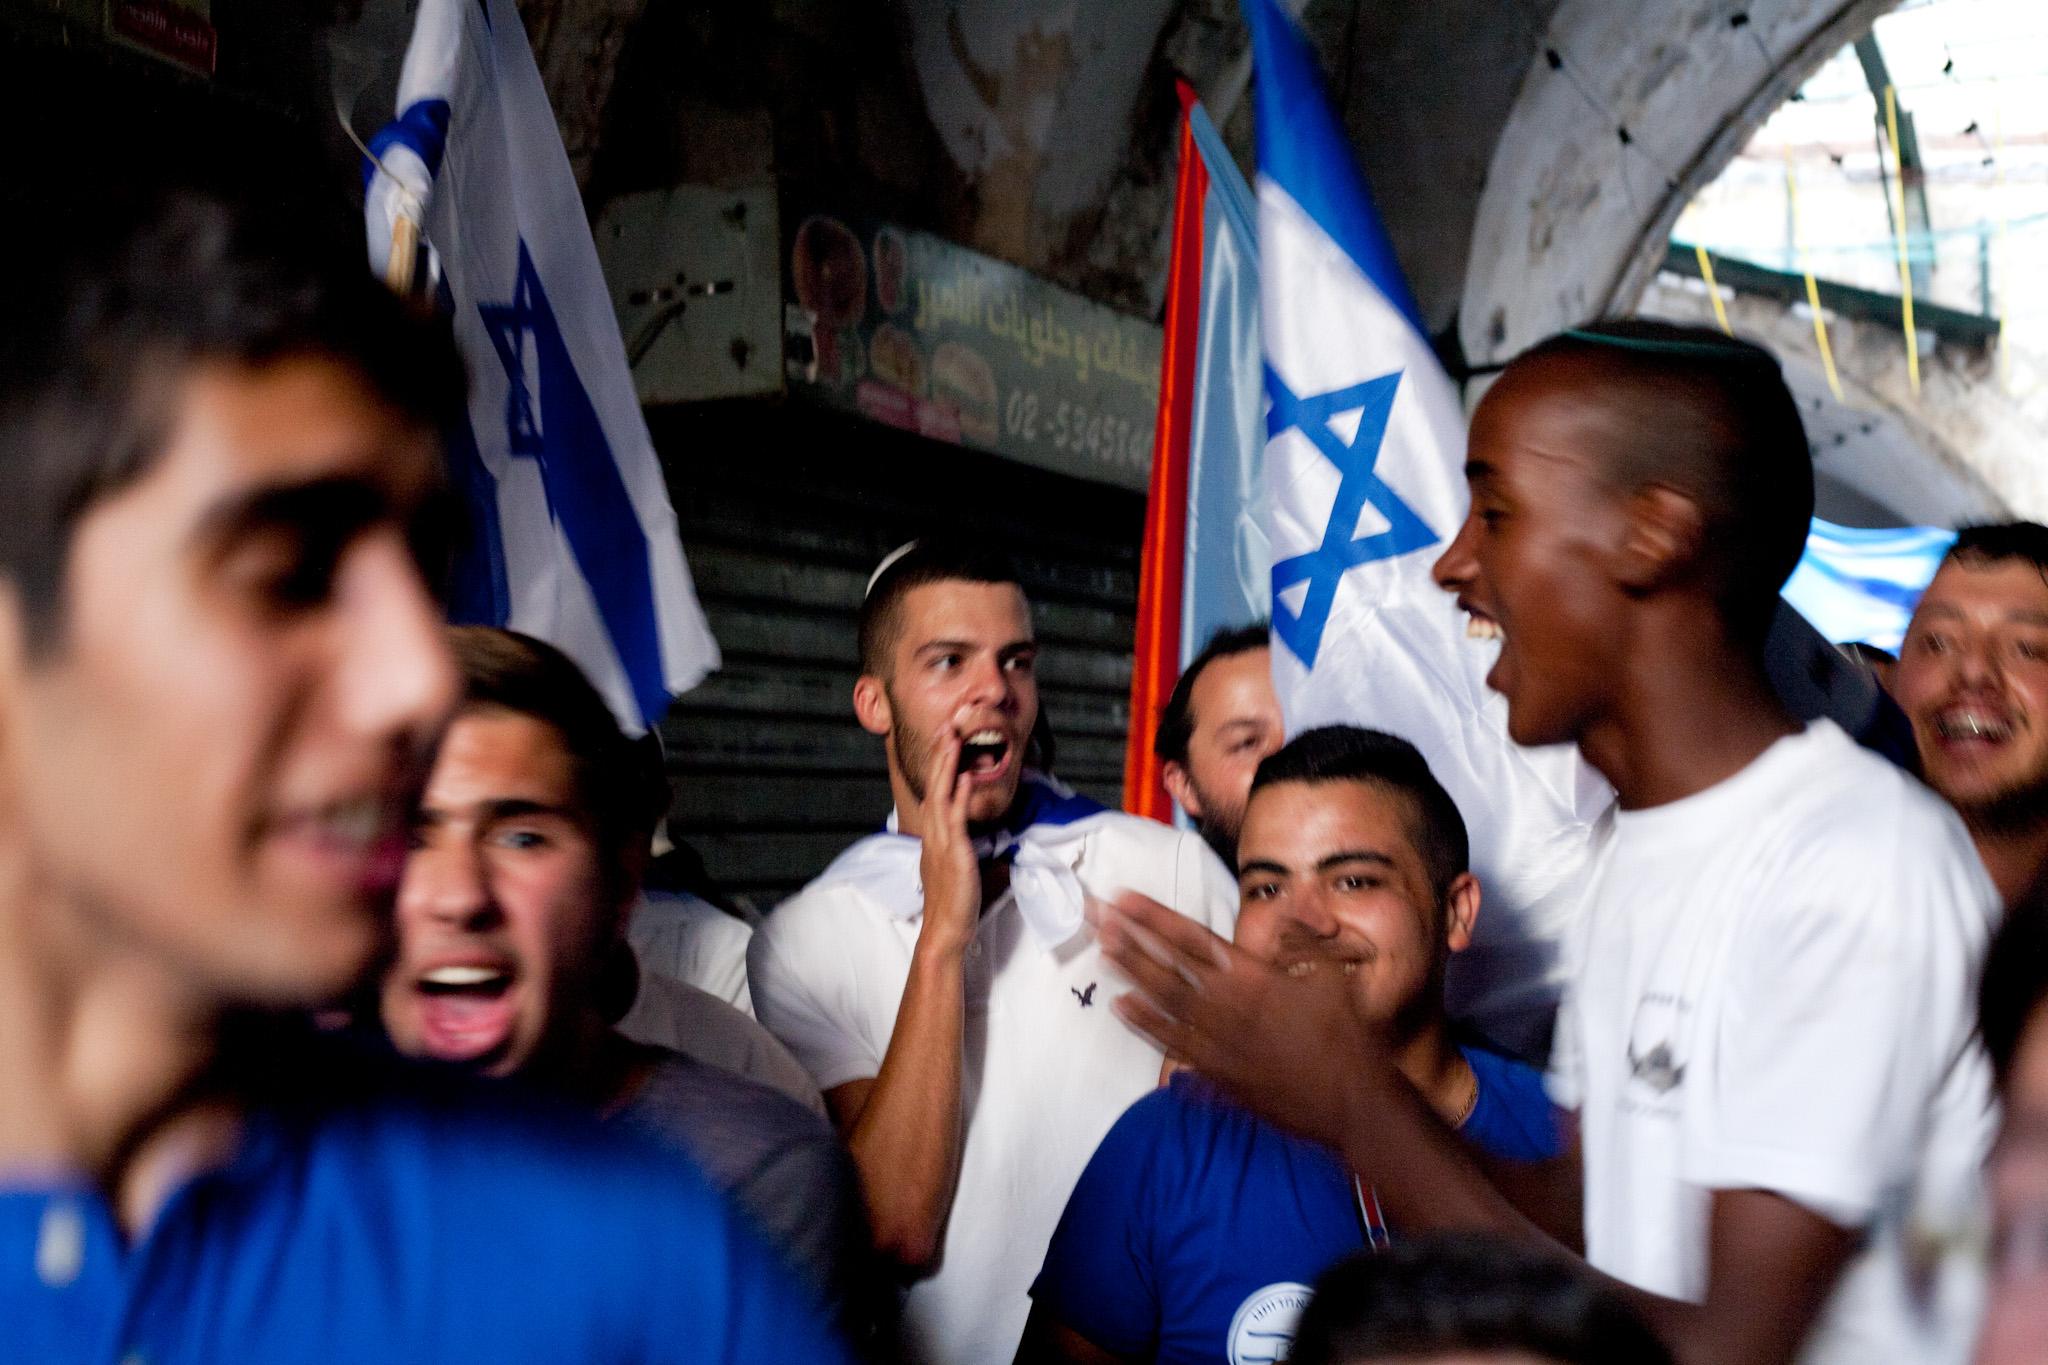 Hamás y la Autoridad Nacional Palestina llegan a un acuerdo